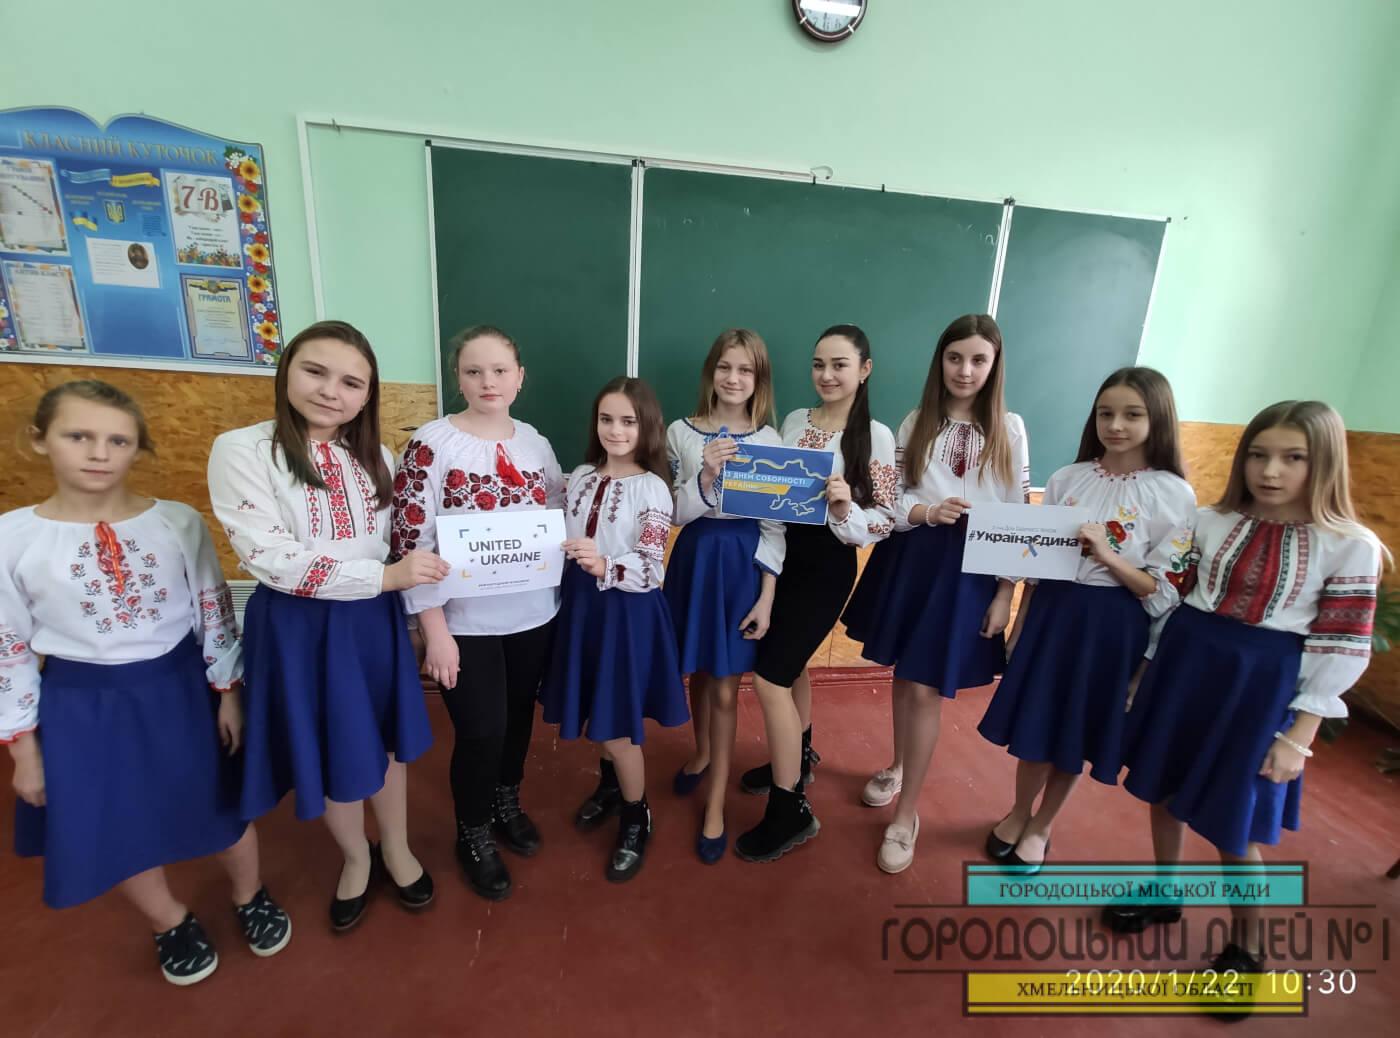 IMG 20200122 103057 - День Соборності України